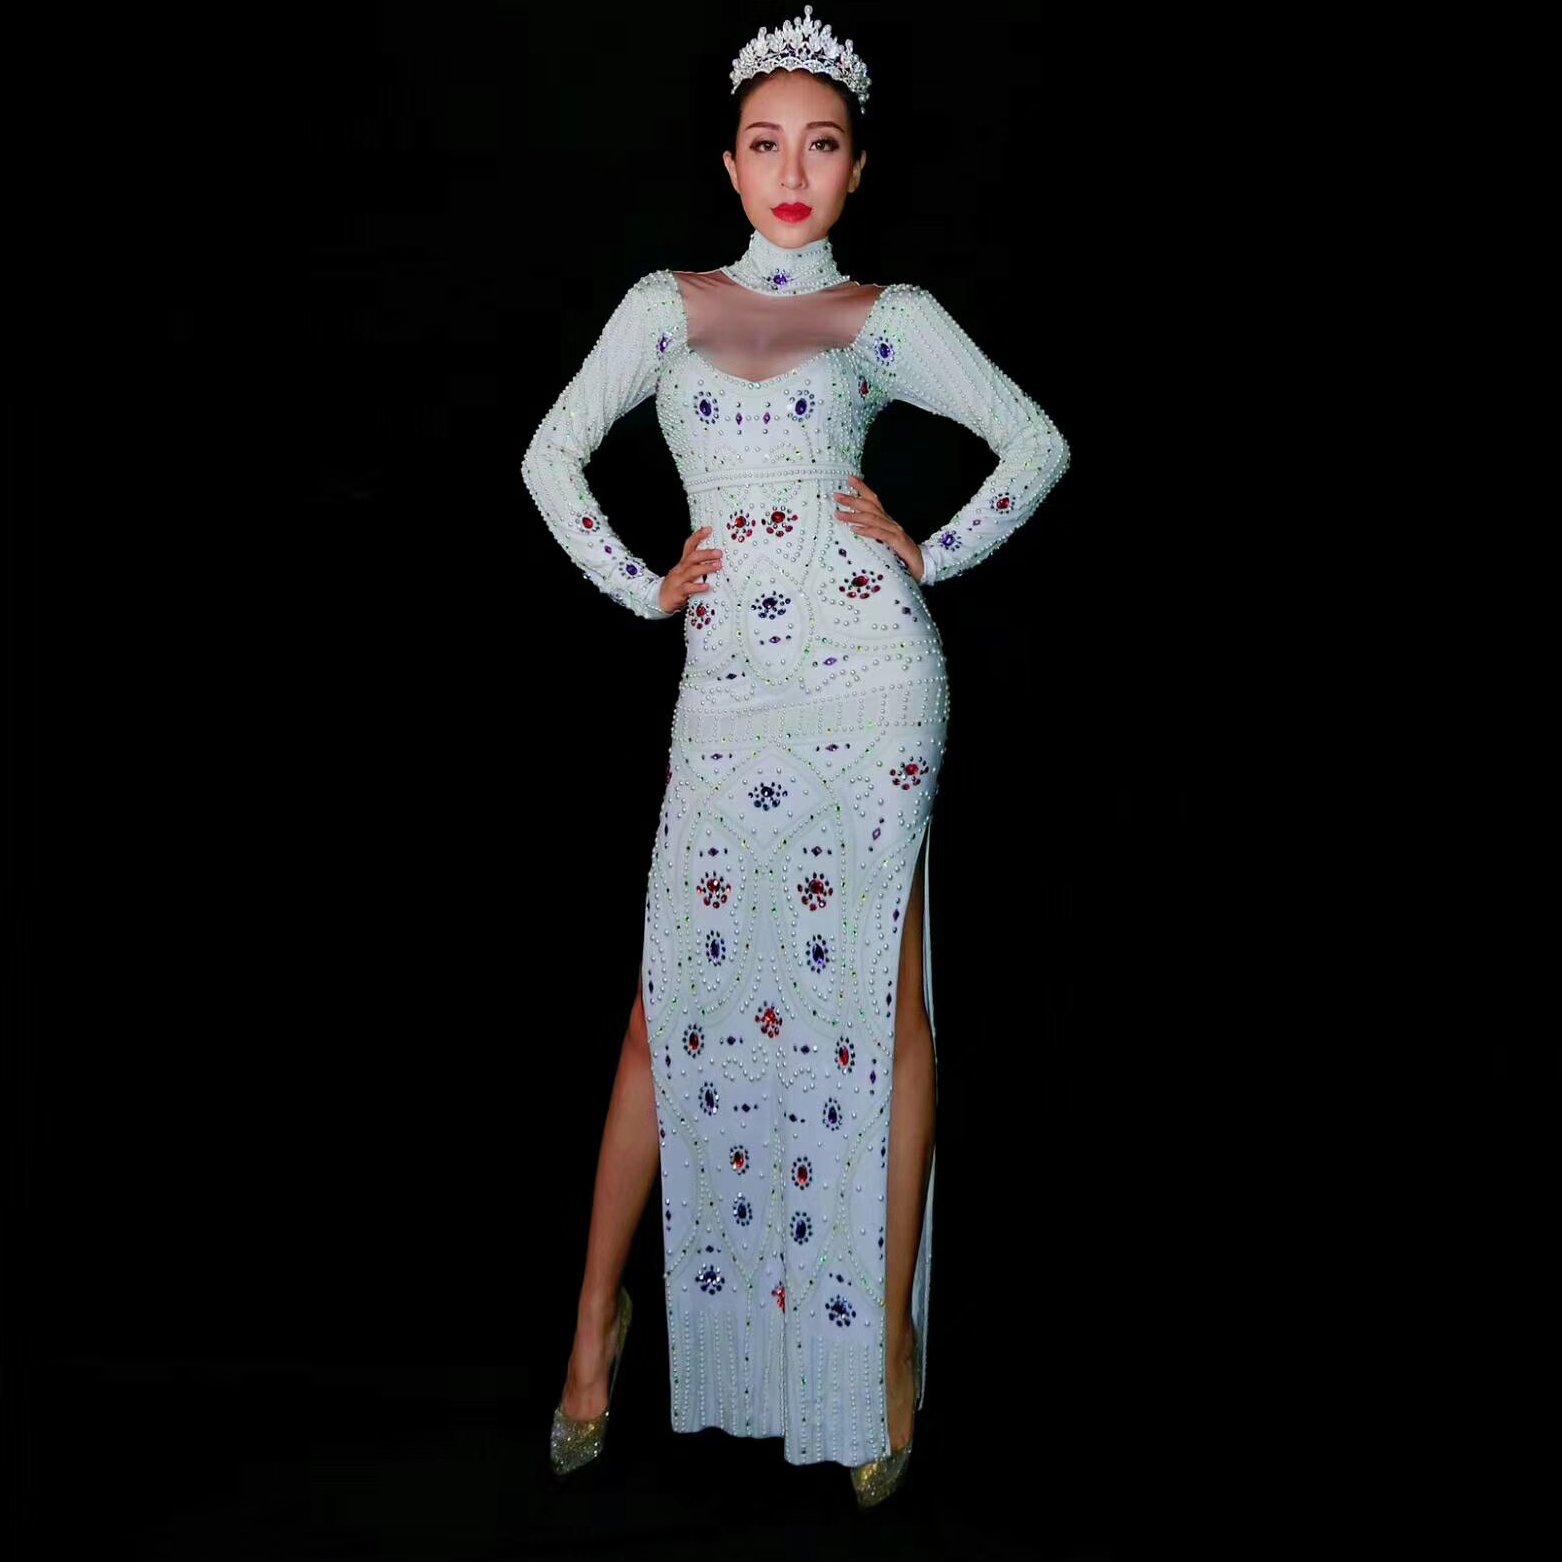 Cristaux Skinny Diamants Pour Partie 2019 Blanc Longueur De La Longues Occasion Scintillant Élégant Cheville Sexe Manches Femmes Robes Split 1AqzOAxw